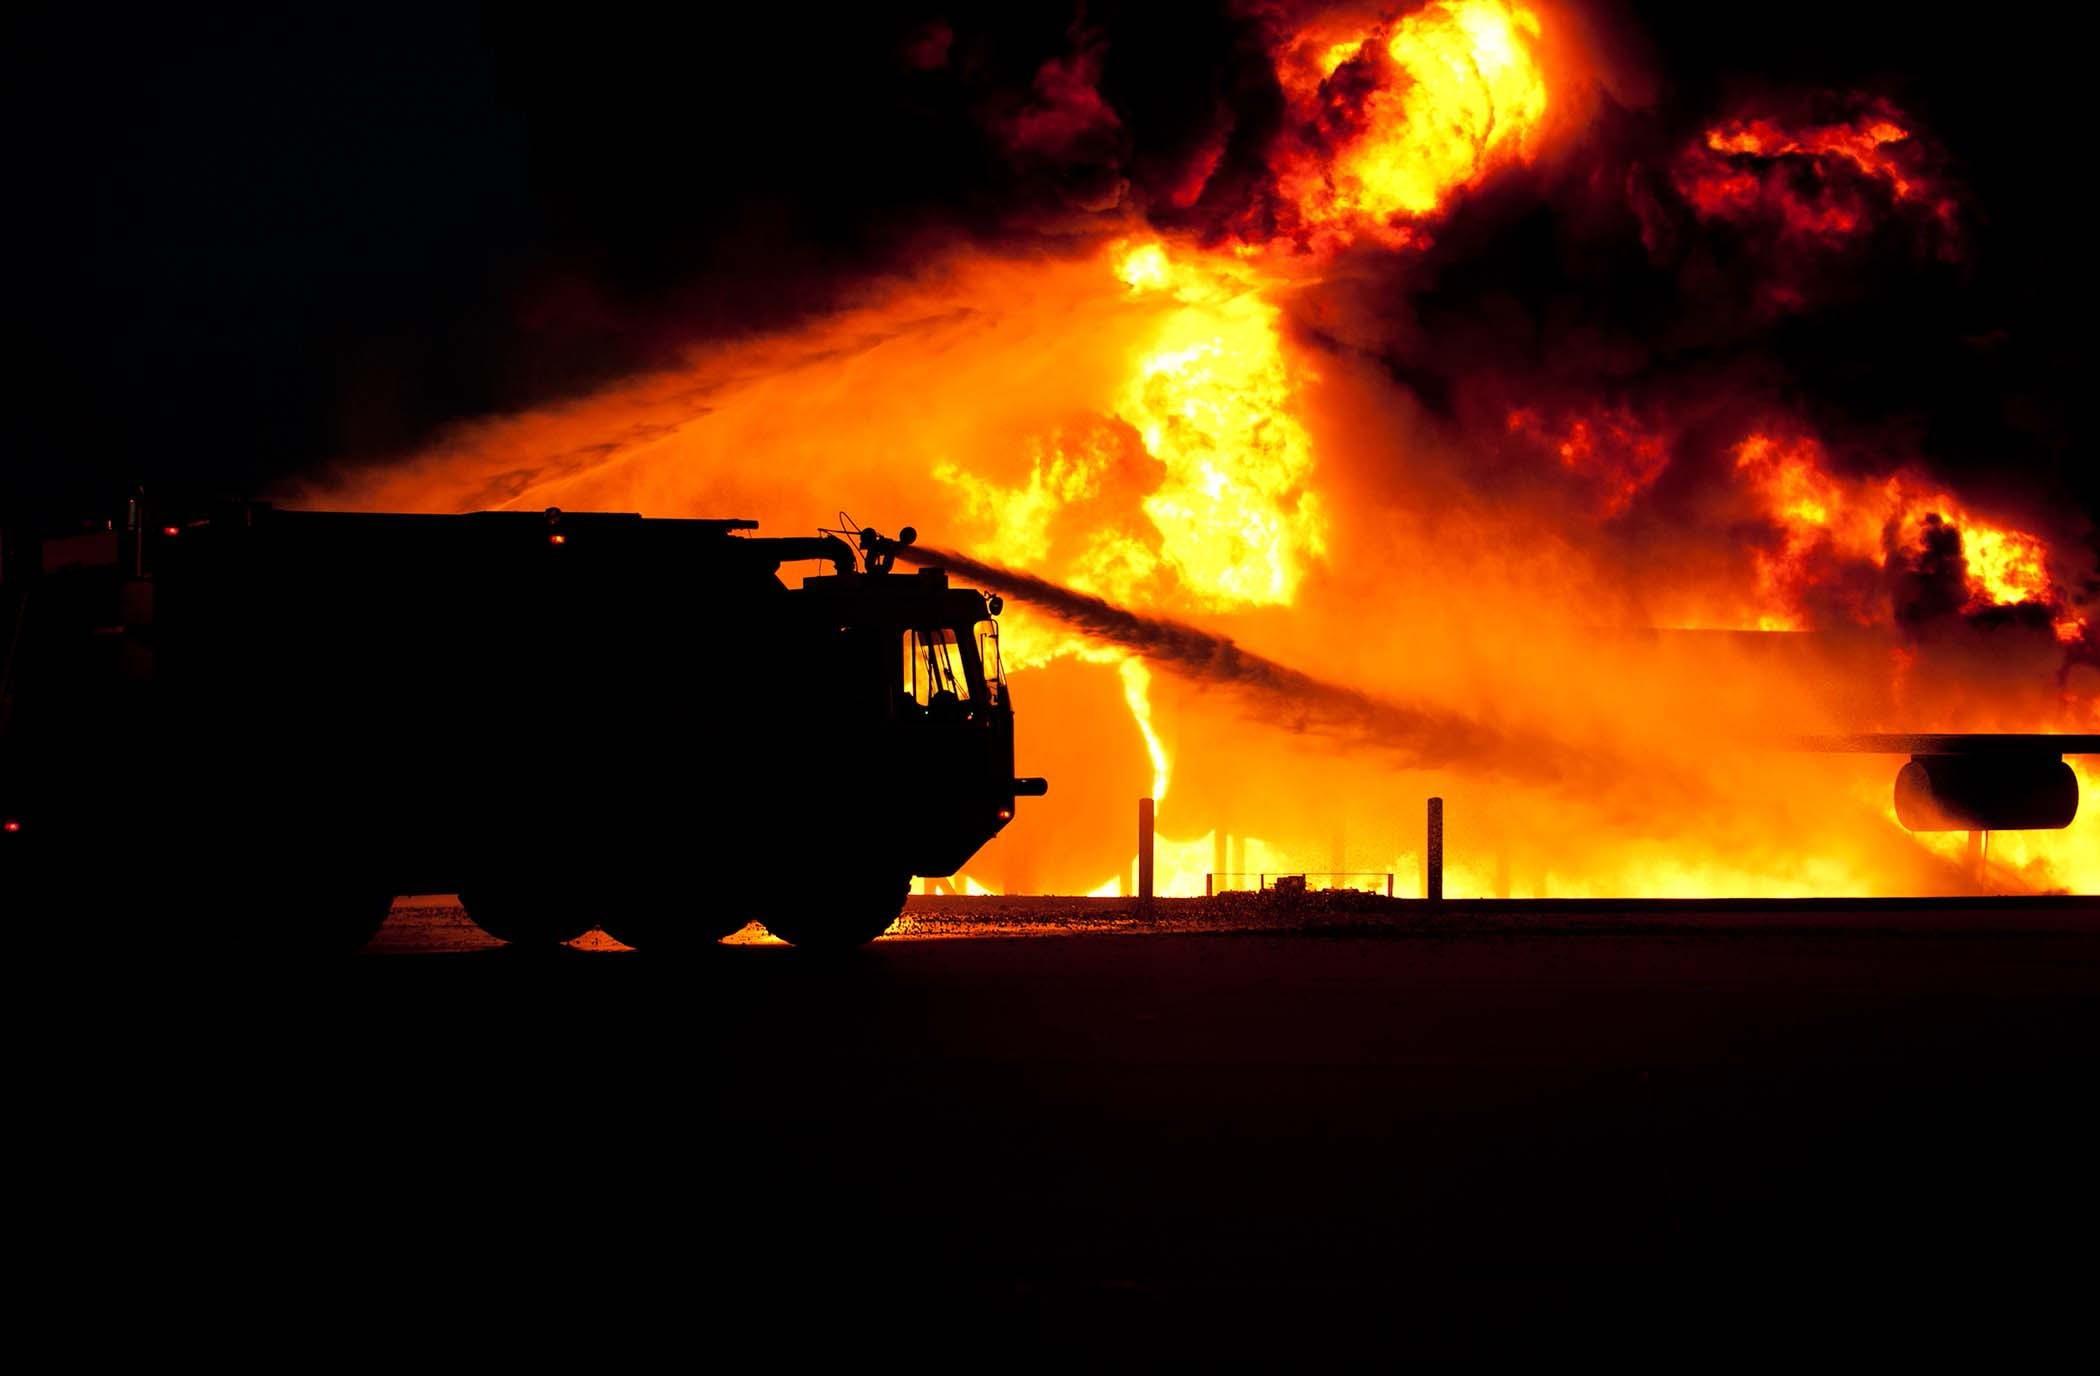 Kostenloses Stock Foto zu feuer, feuerwehrauto, feuerwehrmann, flamme